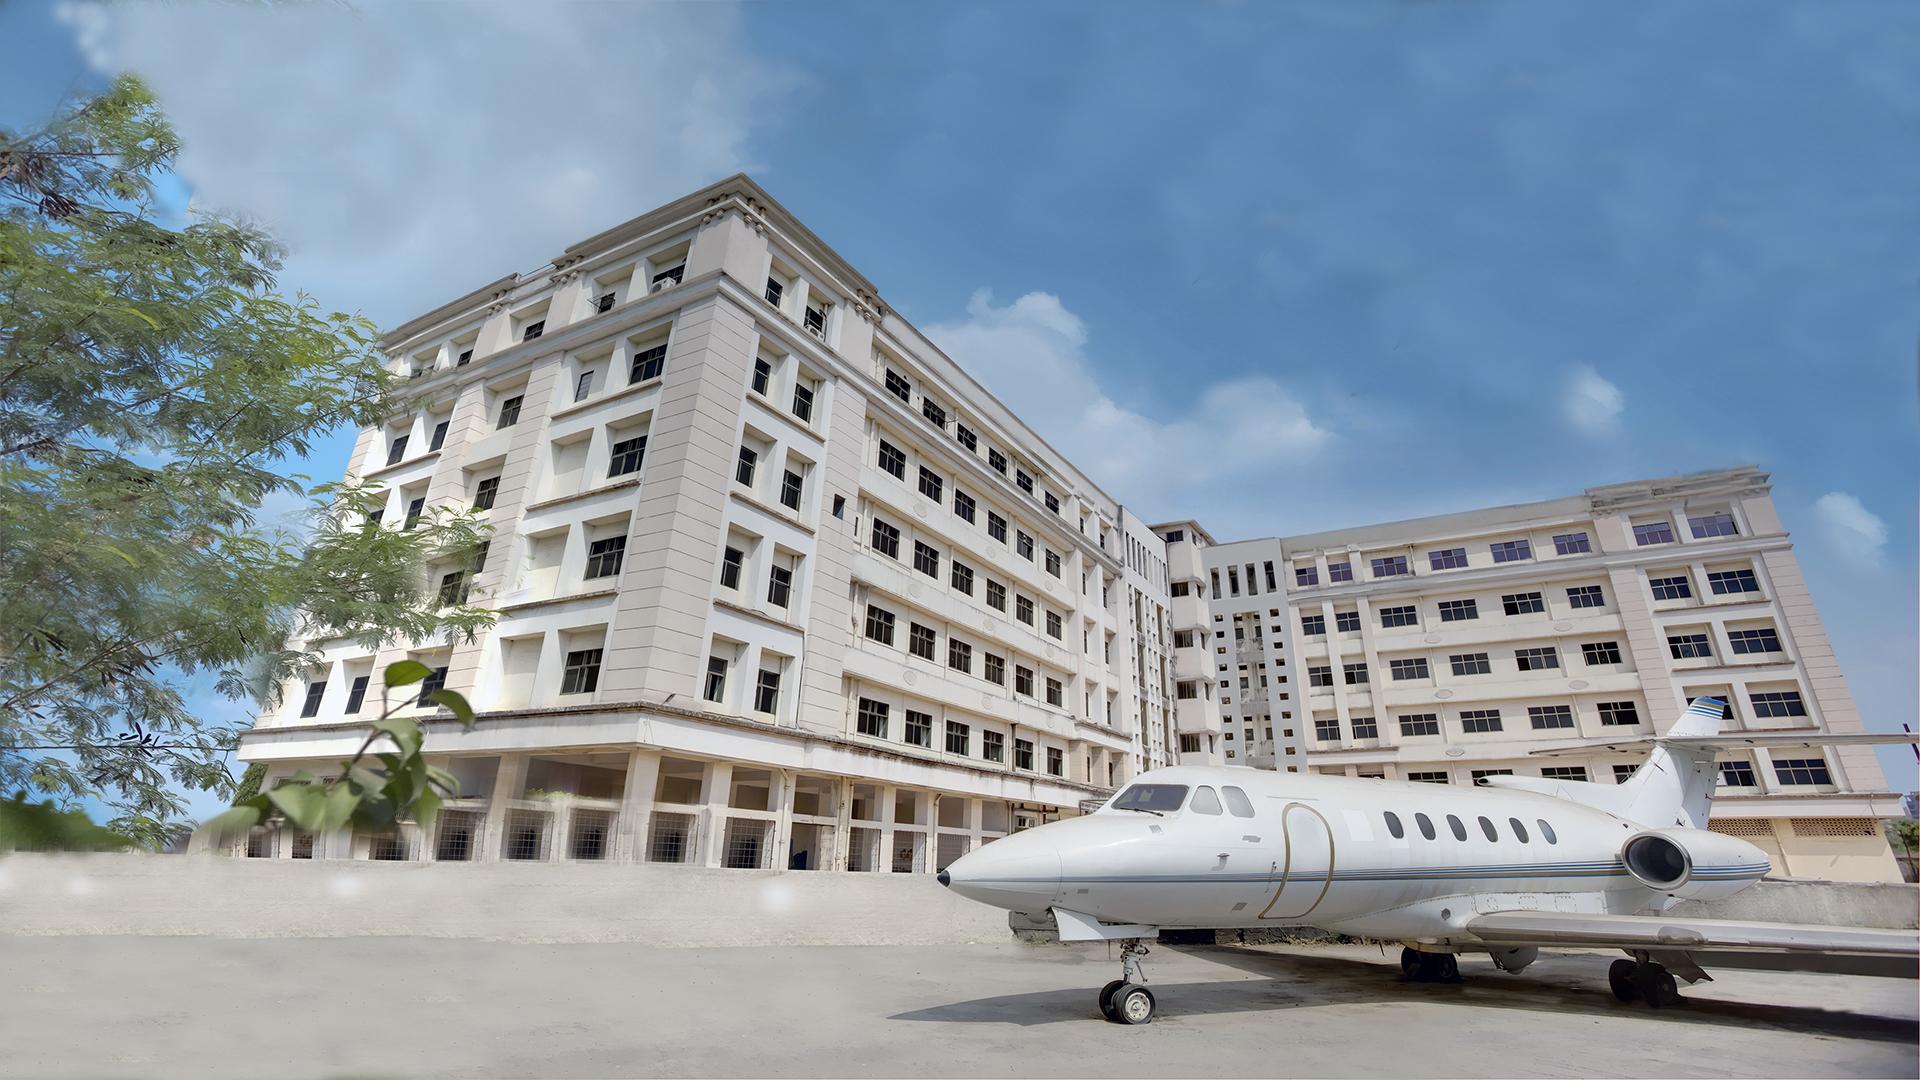 Arun Muchhala International College of Hotel Management, Thane